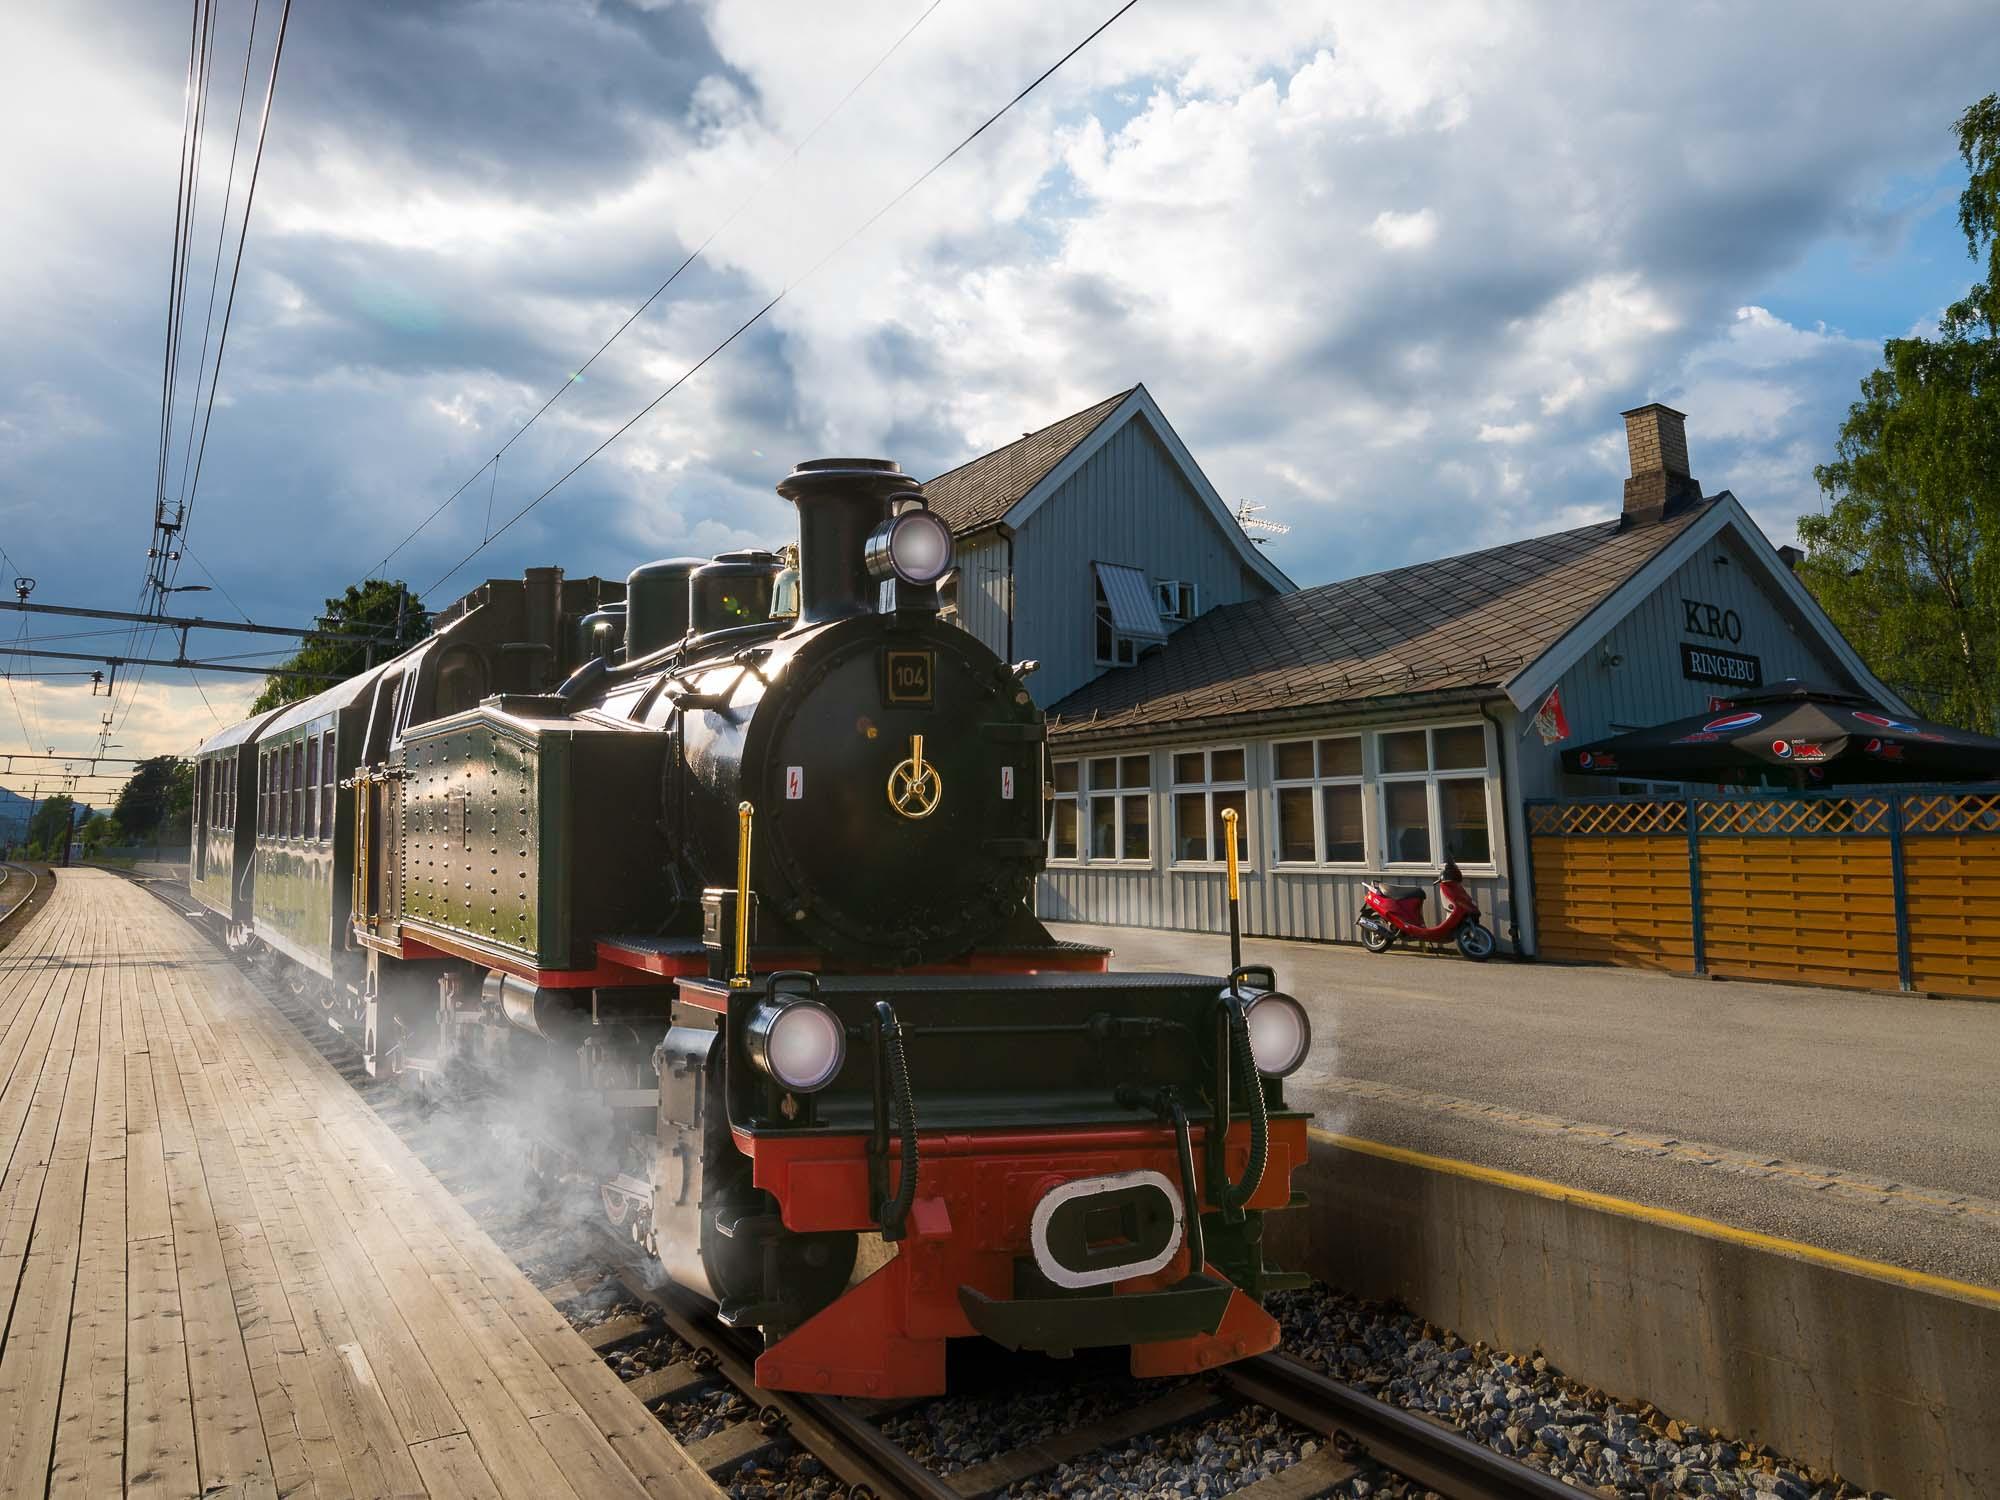 Ringebu stasjon er en jernbanestasjon på Dovrebanen. Stasjonen ligger ved Ringebu og ble åpnet i 1896 da Eidsvoll – Dombåsbanen ble bygget frem til Otta. Mallet lokomotivet ble oppfunnet av den sveitsiske ingeniøren Anatole Mallet (1837-1919). Adobe Photoshop ble laget av Thomas og og John Knoll i 1988. Så slik kan et 100 år gammelt lokomotiv stå på stasjonen i Ringebu i 2018 :)